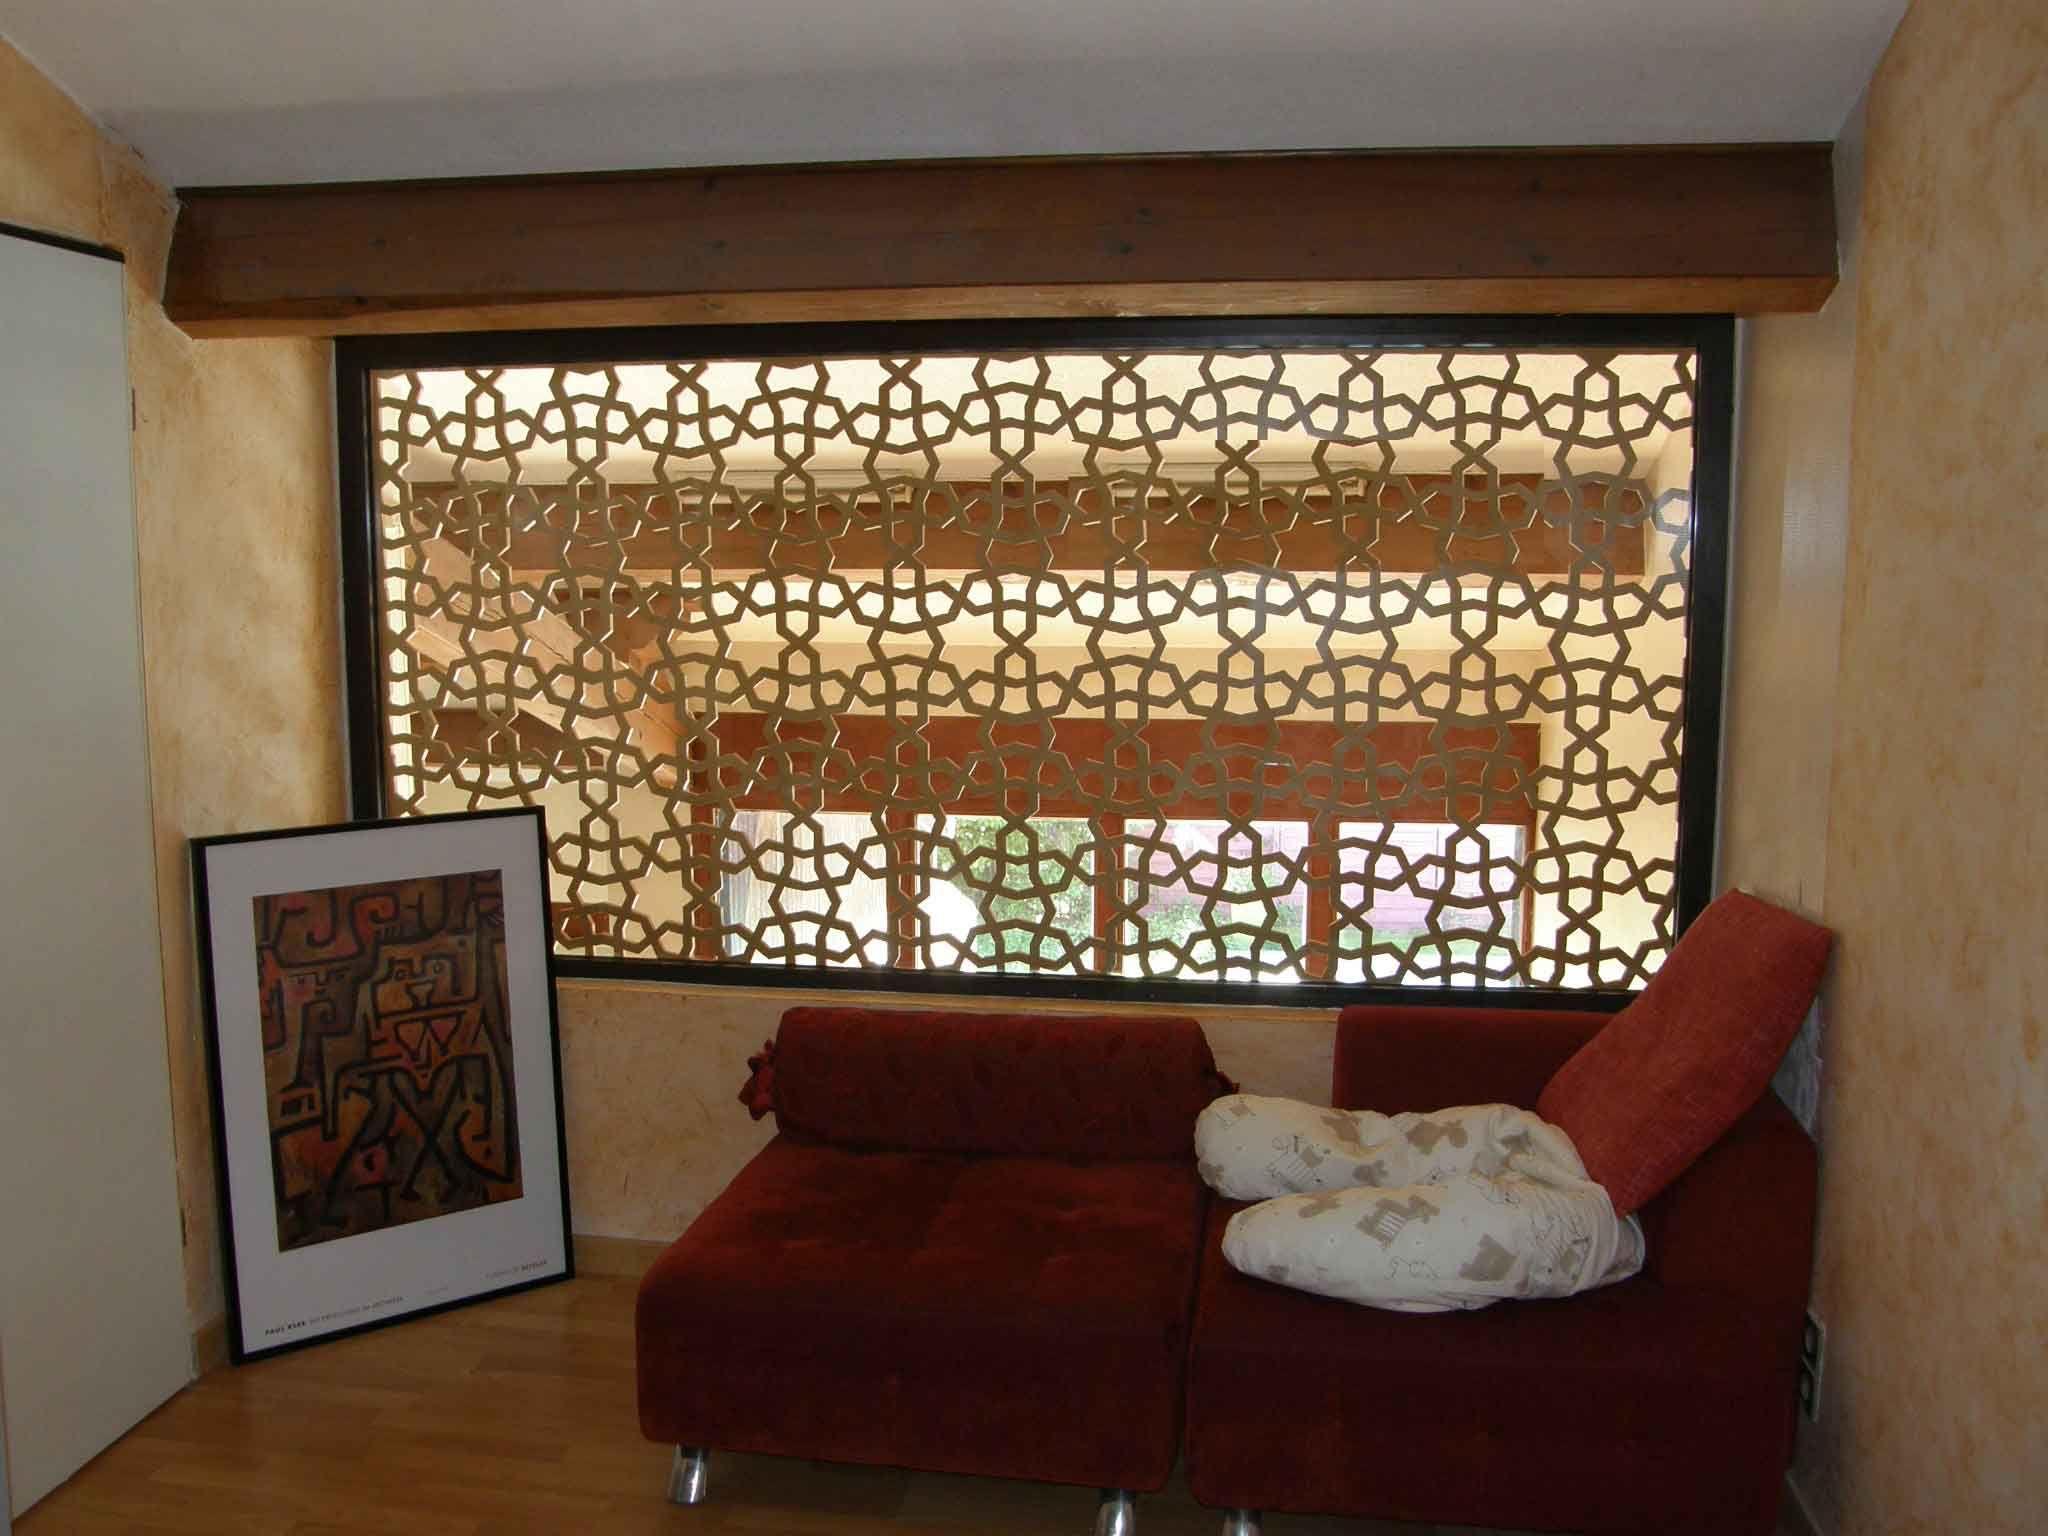 claustra bois d 39 int rieur pour salon salon pinterest. Black Bedroom Furniture Sets. Home Design Ideas